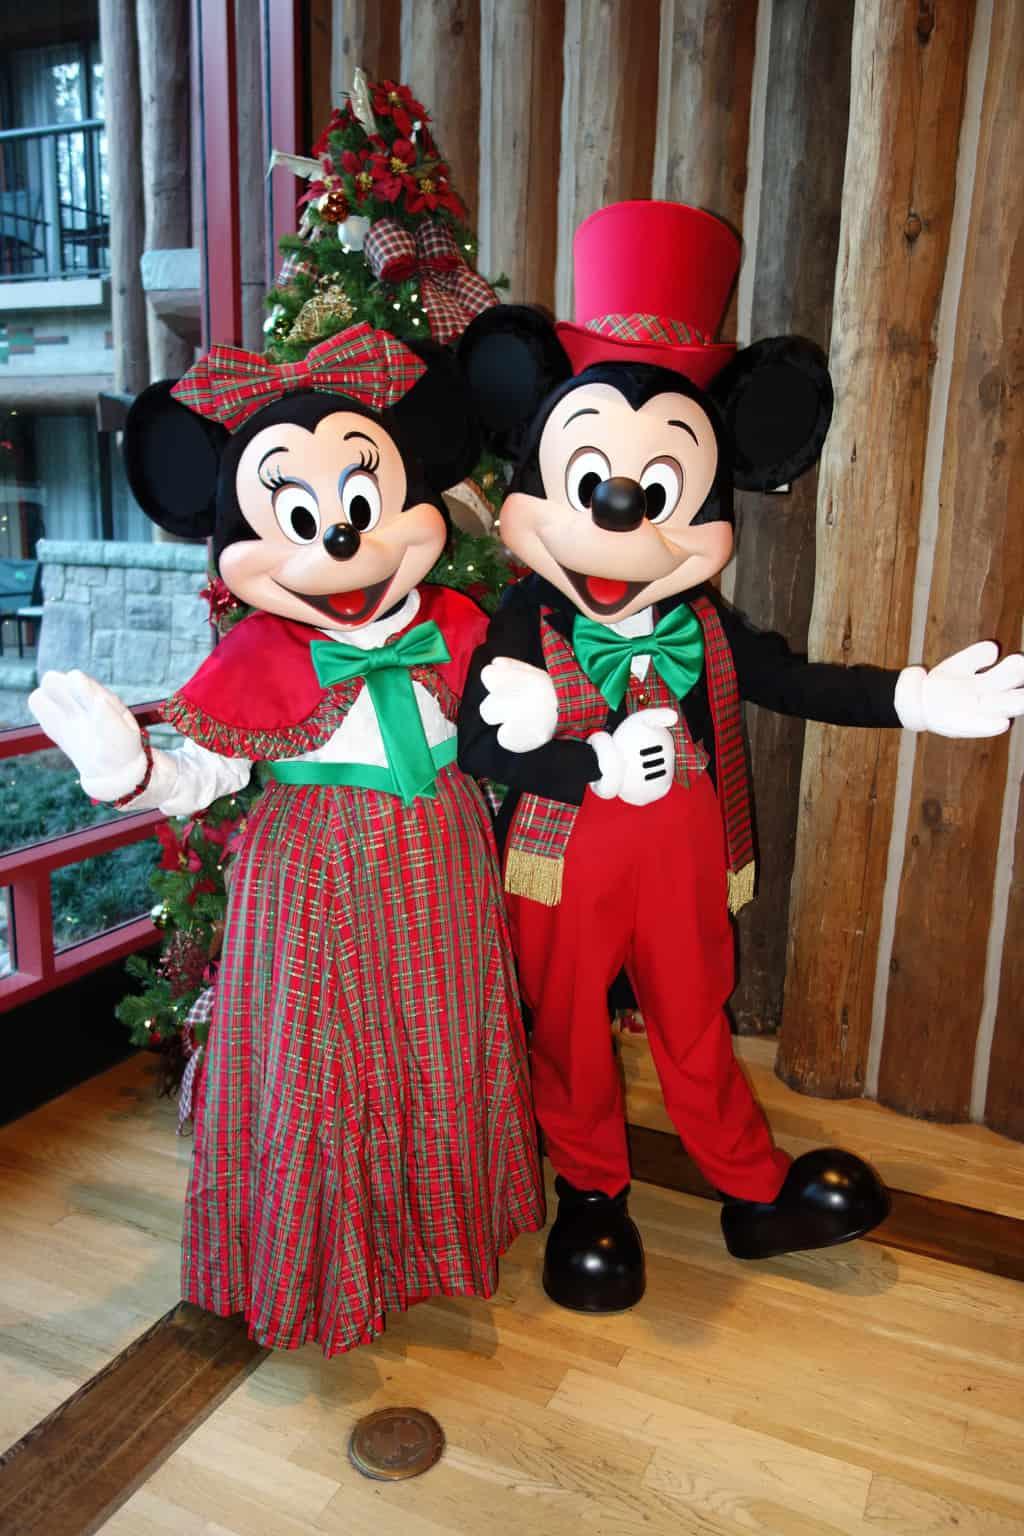 Mickey and Minnie Dec2012 xmas Wild Lodge (4)